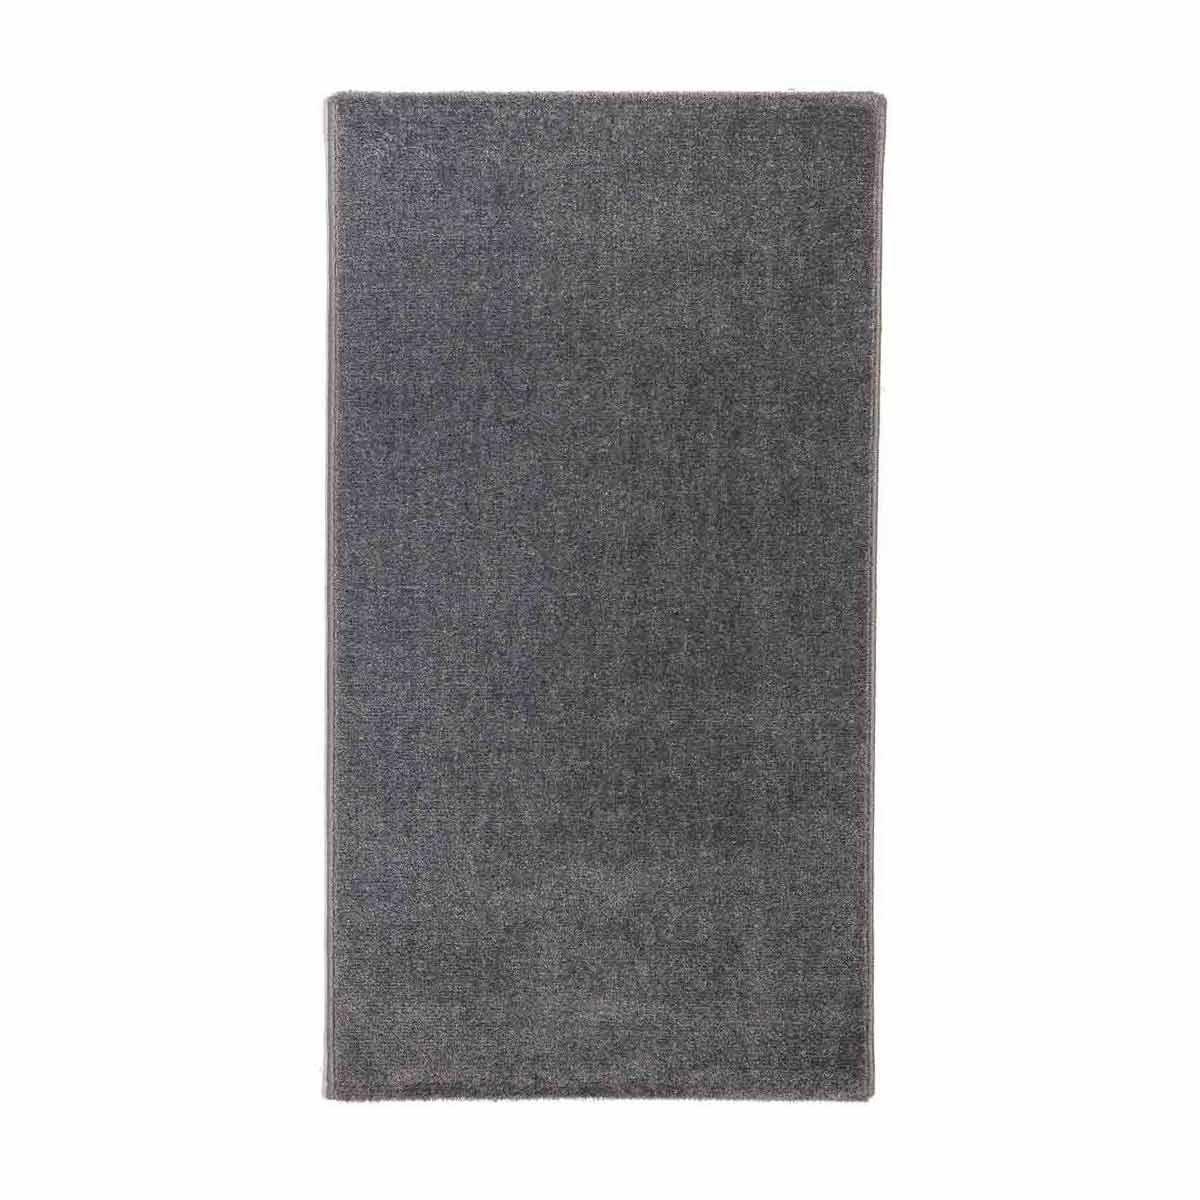 tapis poils ras gris anthracite tasman